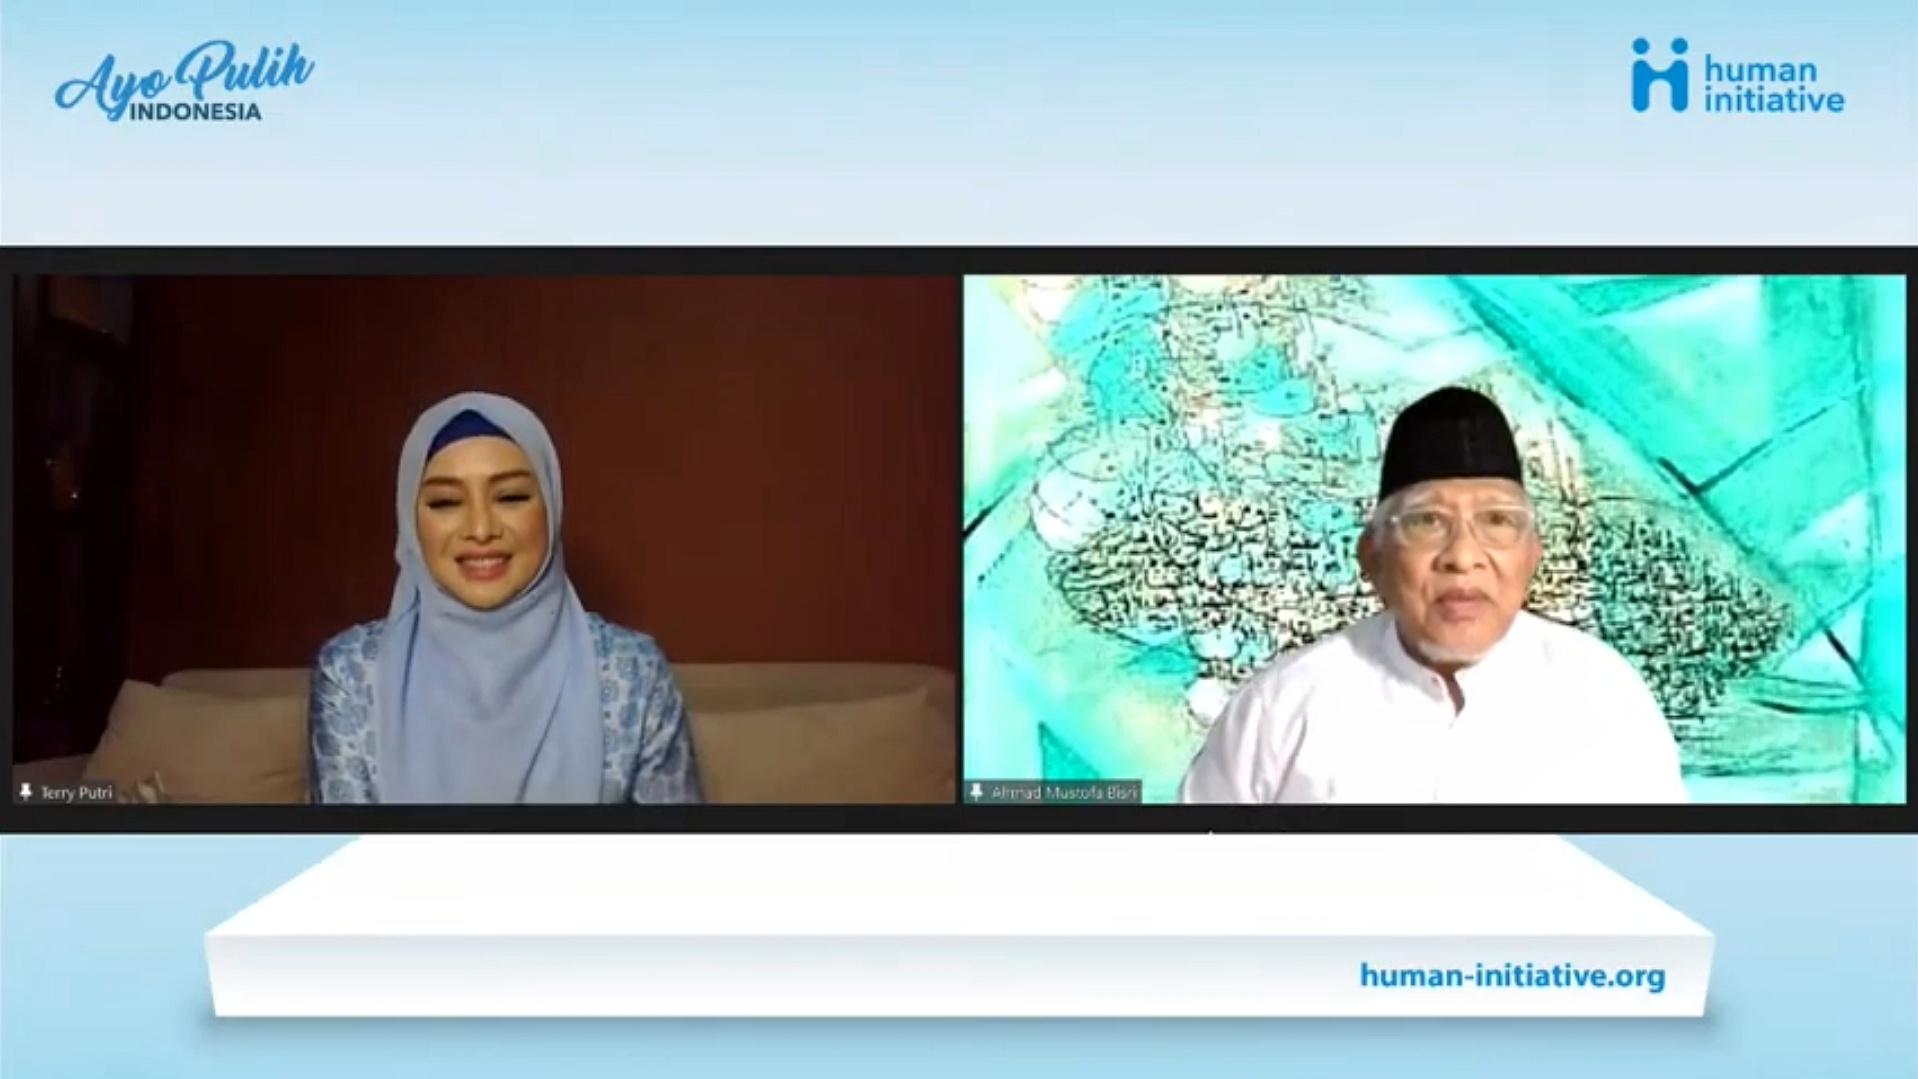 """Human Initiative Gelar Doa Bersama Tokoh Penggerak Kemanusiaan Lintas Agama bertema """"Ayo Pulih Indonesia"""""""